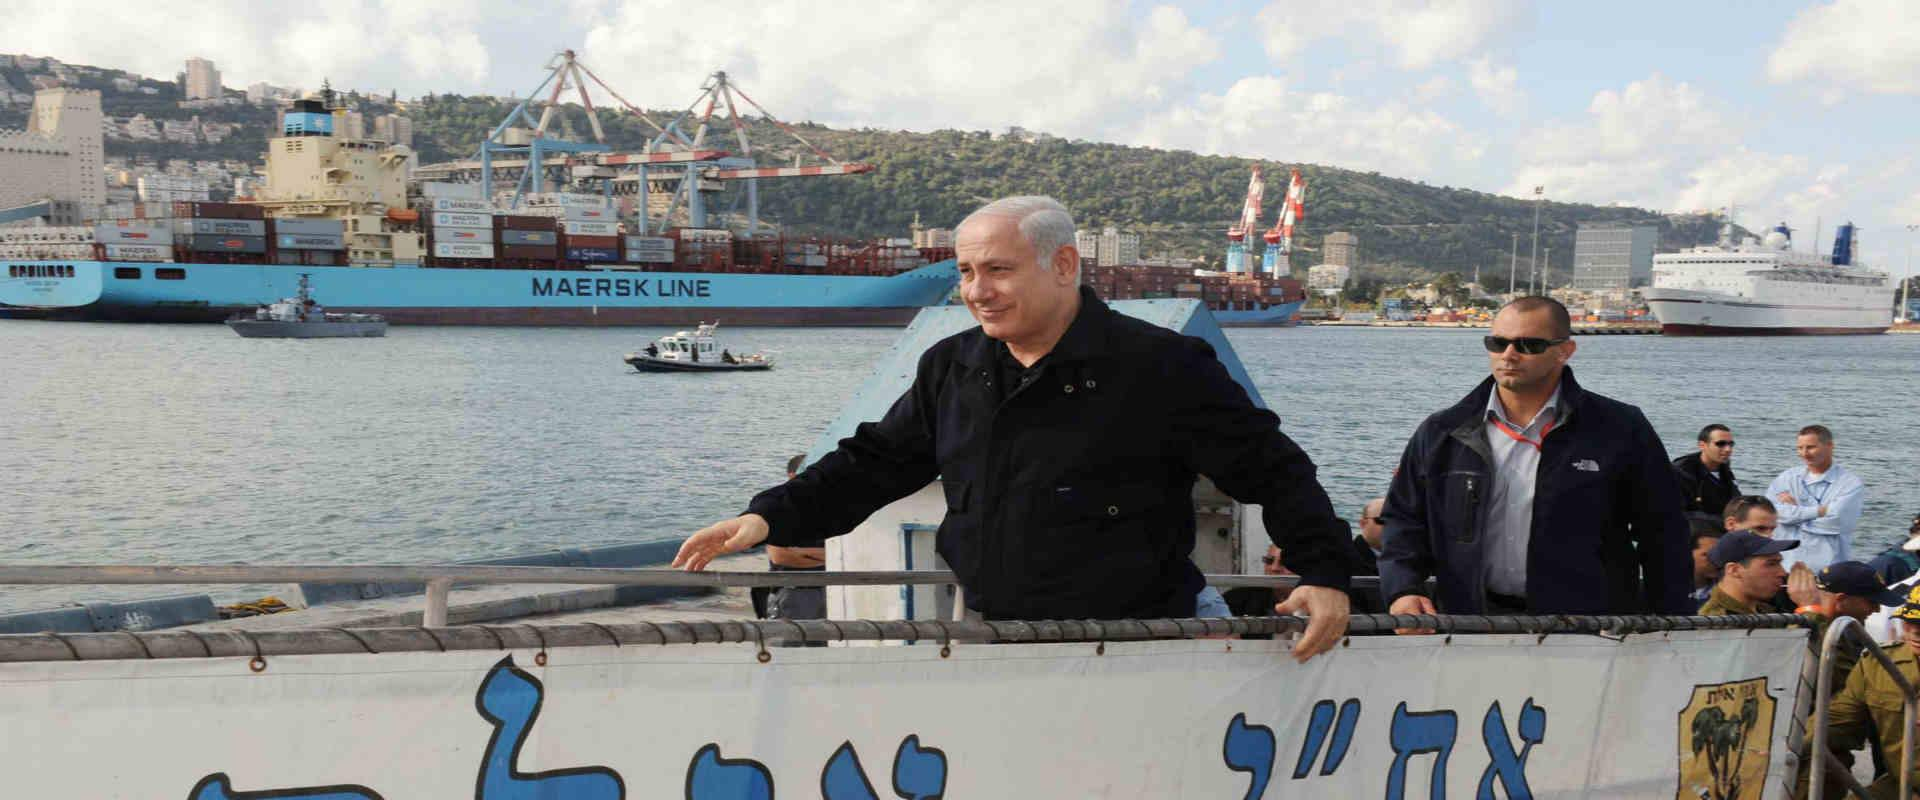 ראש הממשלה בנימין נתניהו בביקור בבסיס חיל הים, 200